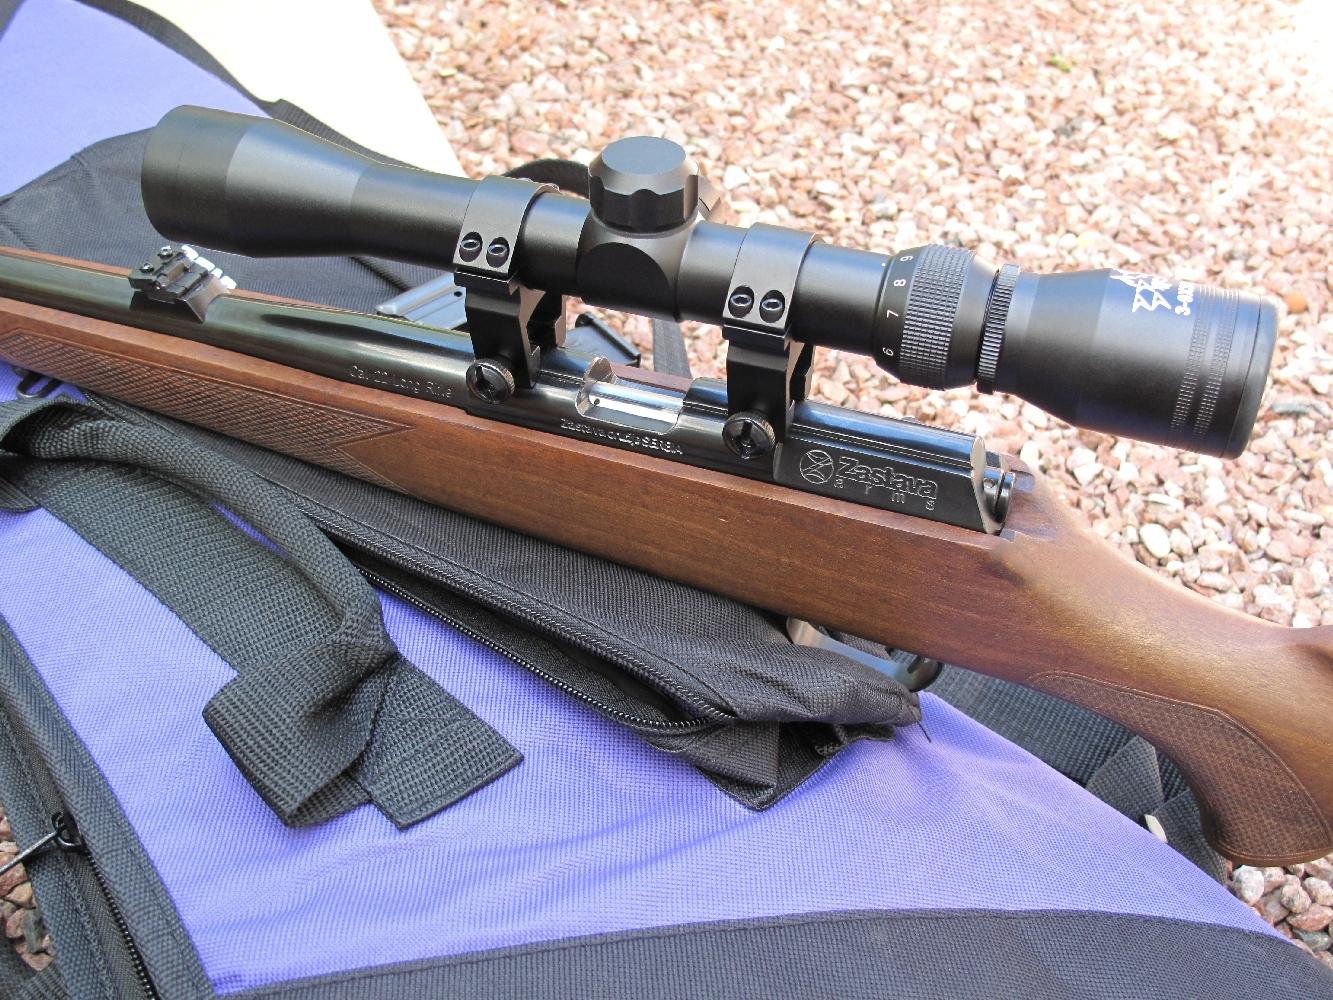 La lunette livrée avec le kit est une Lynx 3-9 x 32 de la maison Unifrance, un modèle qui bénéficie d'un excellent rapport qualité/prix et dont le grossissement réglable de 3 à 9 fois permet de couvrir les différents usages que l'on pourra faire de cette carabine.